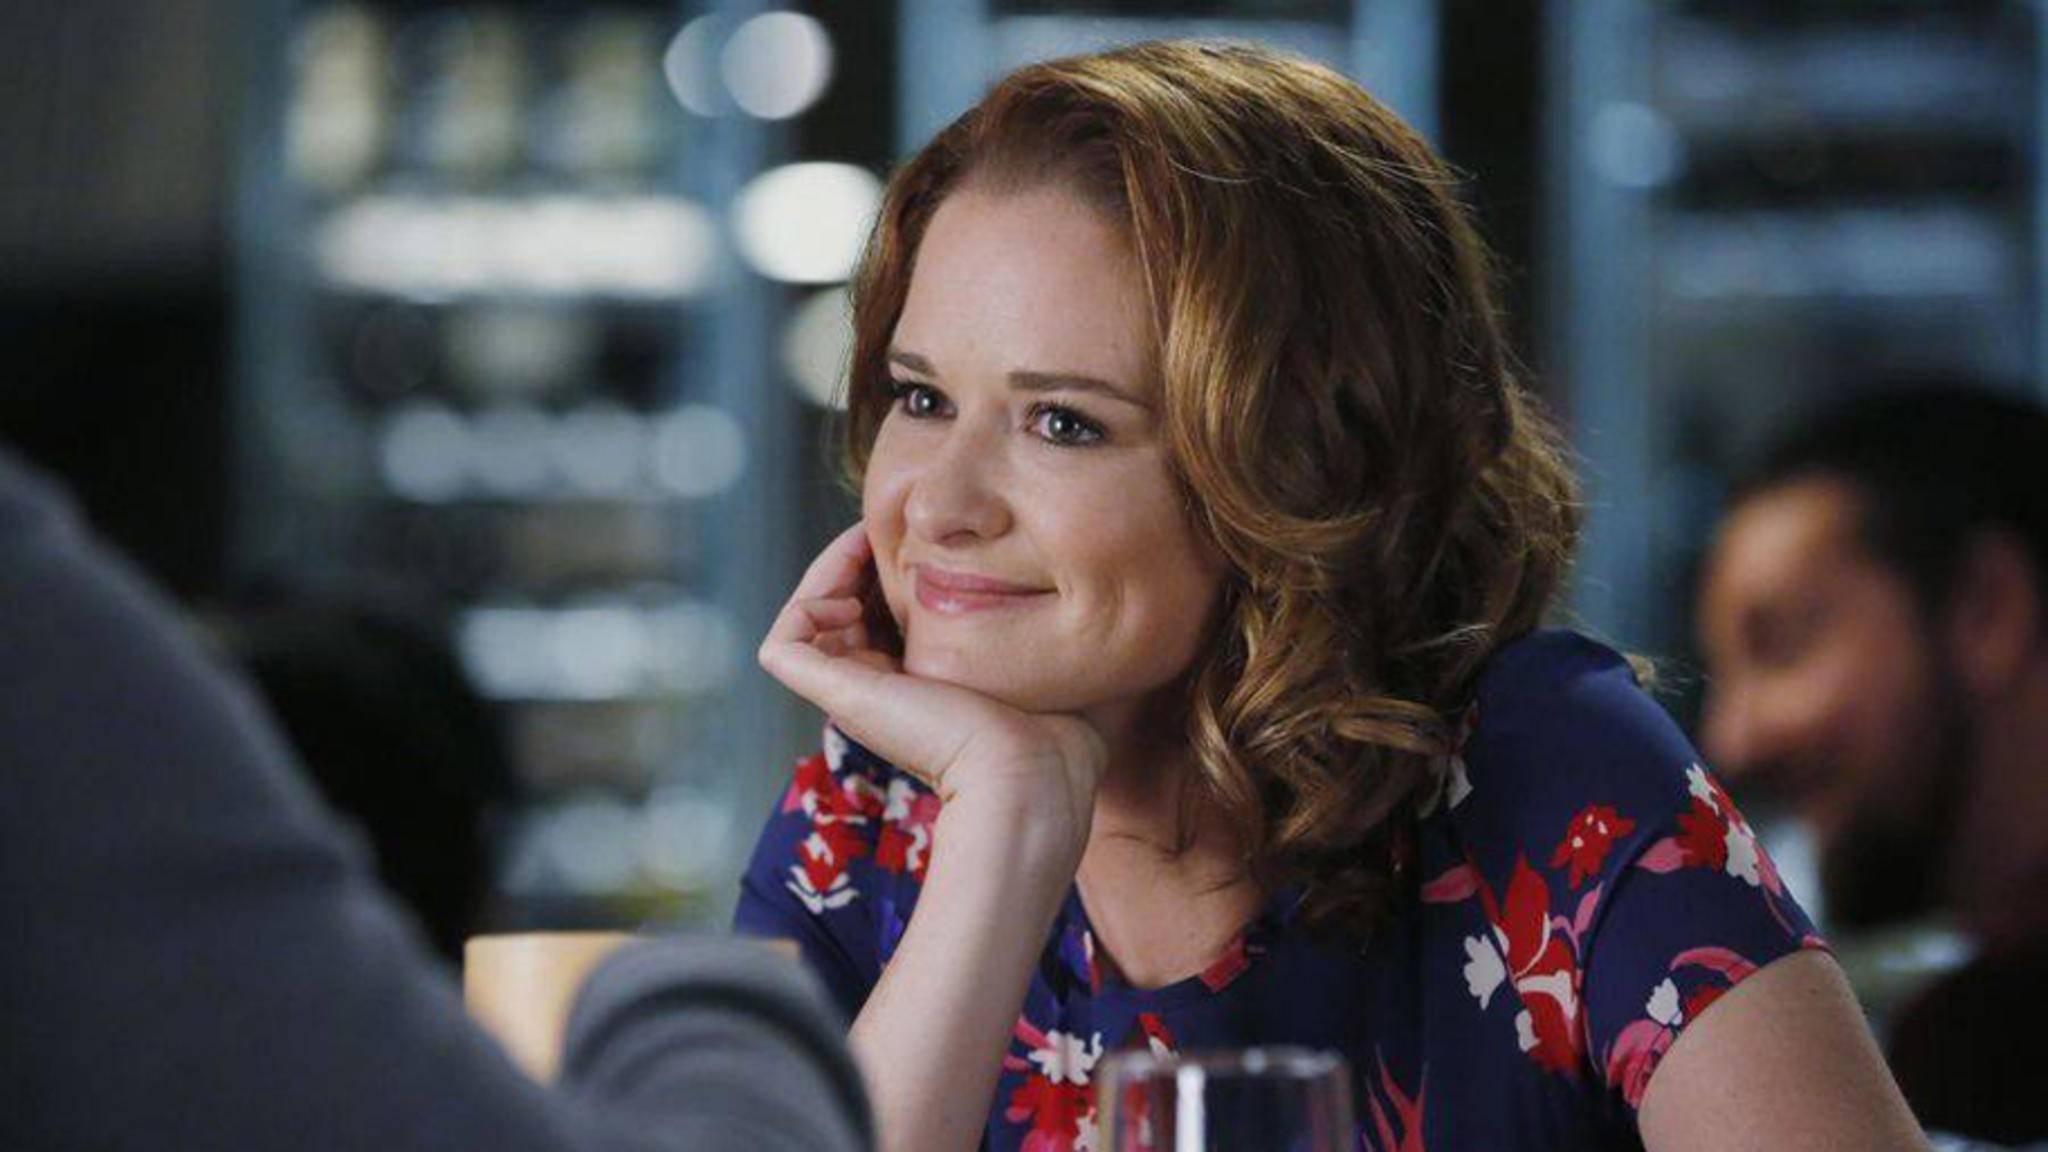 """Offenbar haben April (Sarah Drew) und ihre Kollegen in Staffel 14 von """"Grey's Anatomy"""" mehr zu lachen."""